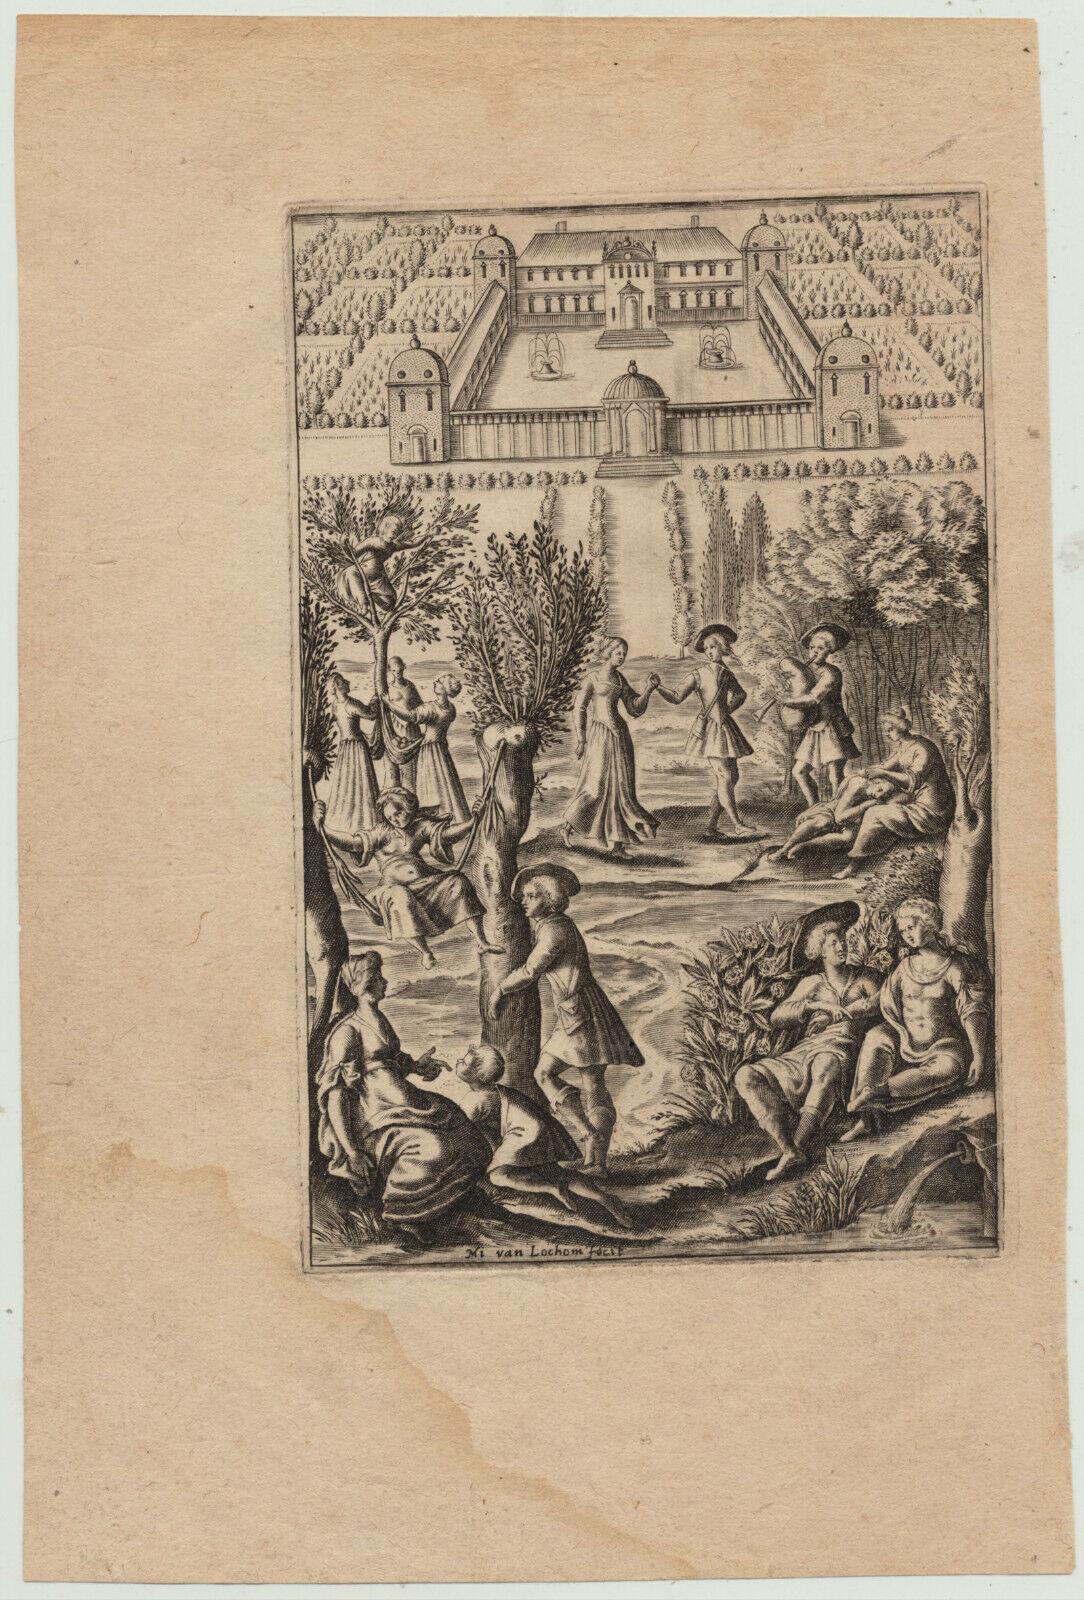 DUDELSACK Tanzmusik tanzen Orig. M. van LOCHEM Kupferstich um 1640 MUSIK ADEL